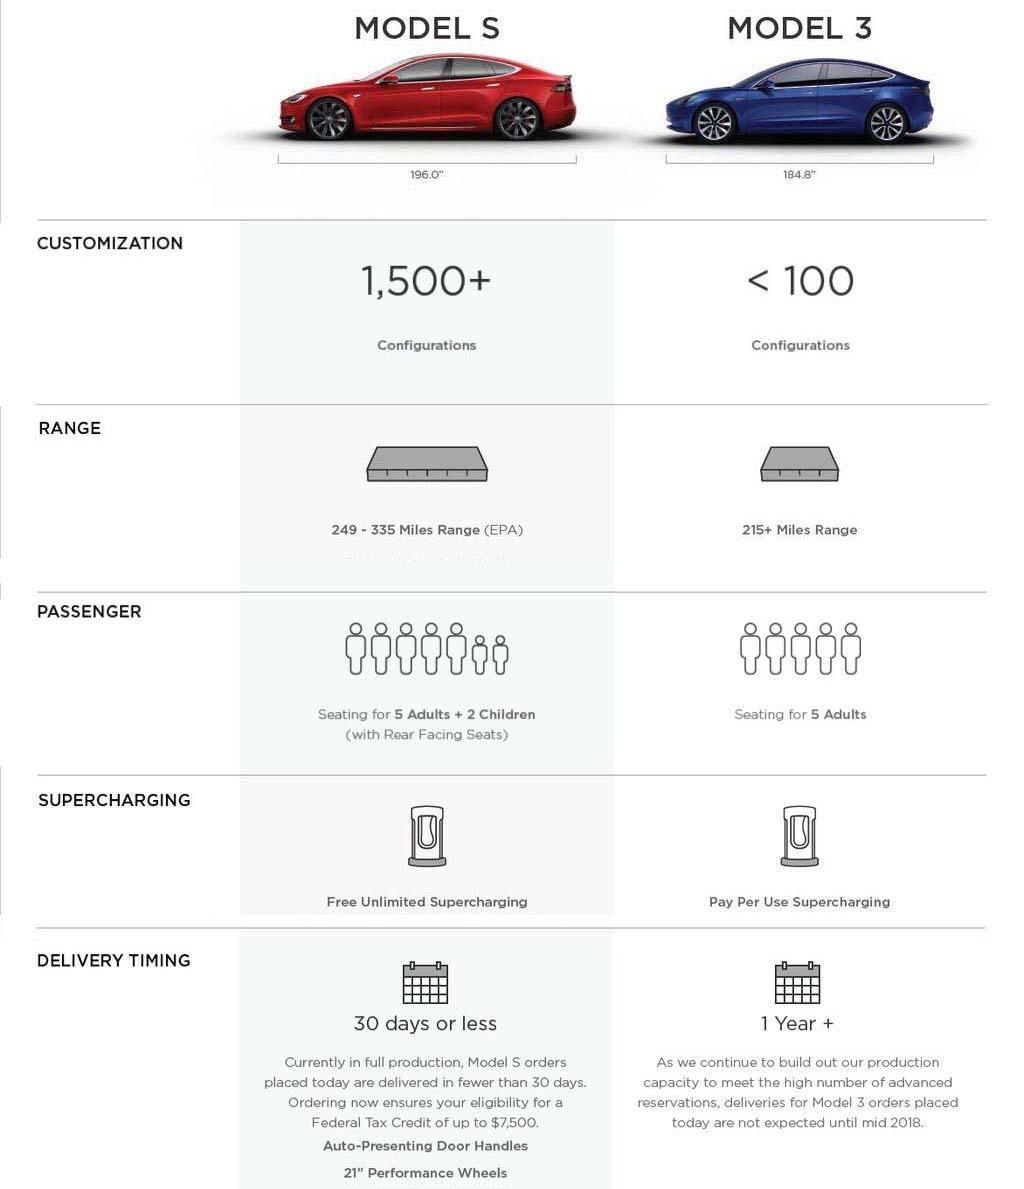 Tabla comparativa Model S-Model 3 - 2